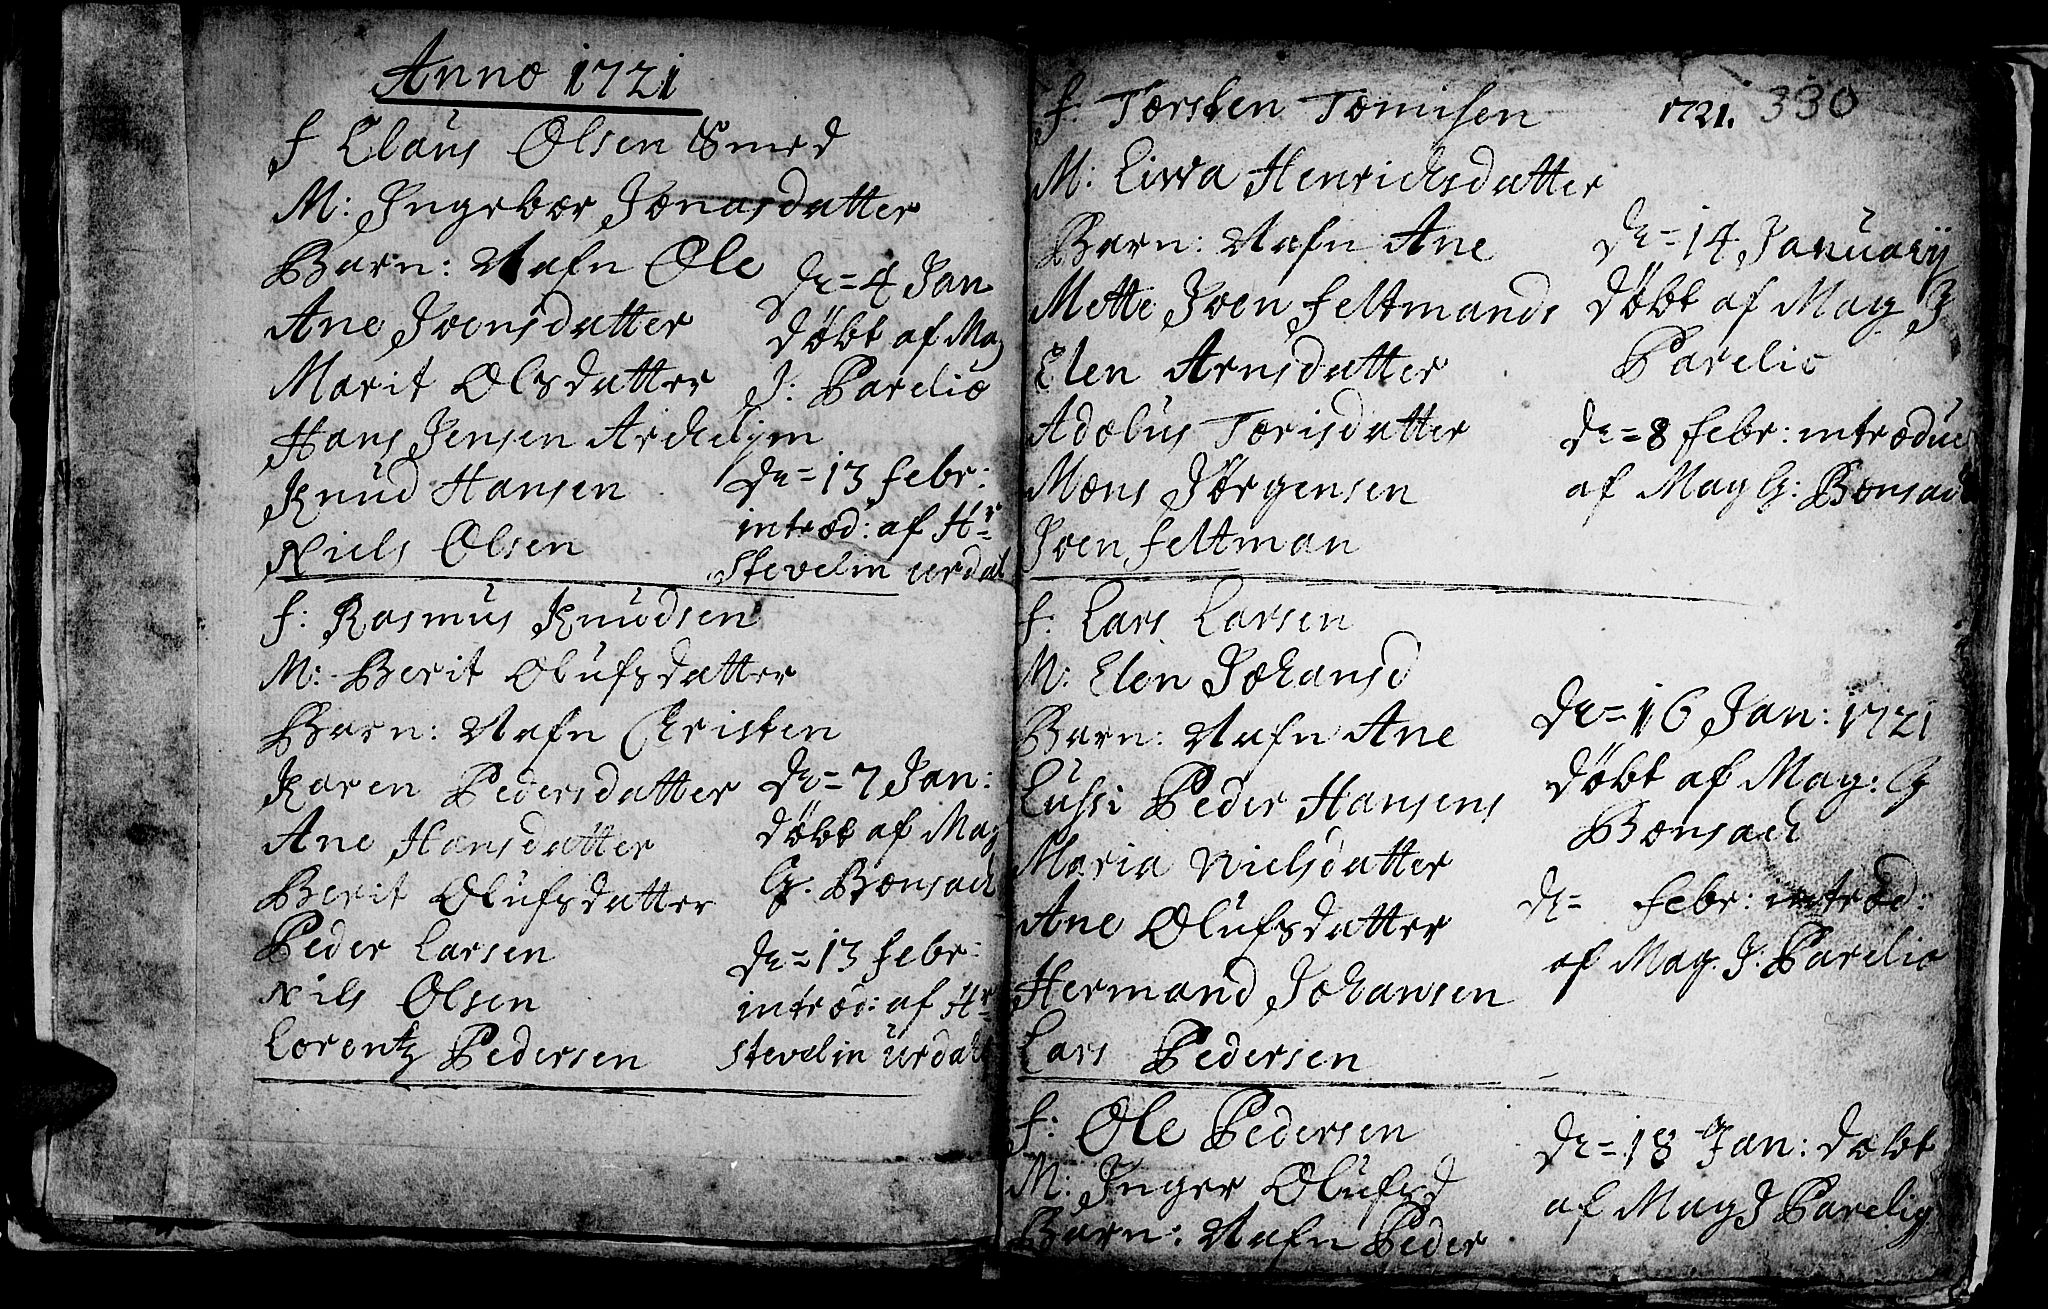 SAT, Ministerialprotokoller, klokkerbøker og fødselsregistre - Sør-Trøndelag, 601/L0035: Ministerialbok nr. 601A03, 1713-1728, s. 330